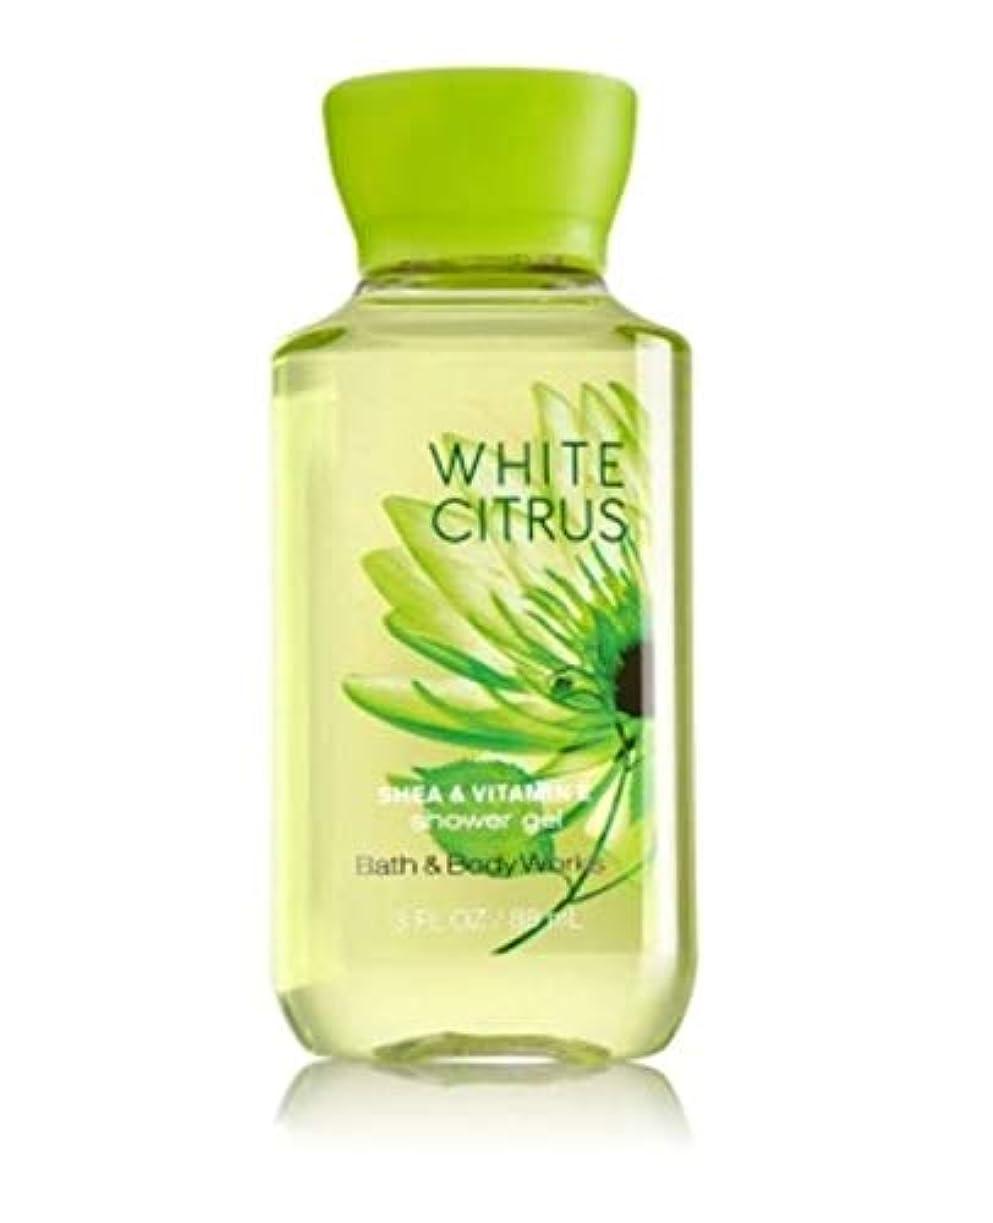 支配する伝統主観的バス&ボディワークス ホワイトシトラス シャワージェル White Citrus トラベルサイズ [並行輸入品]